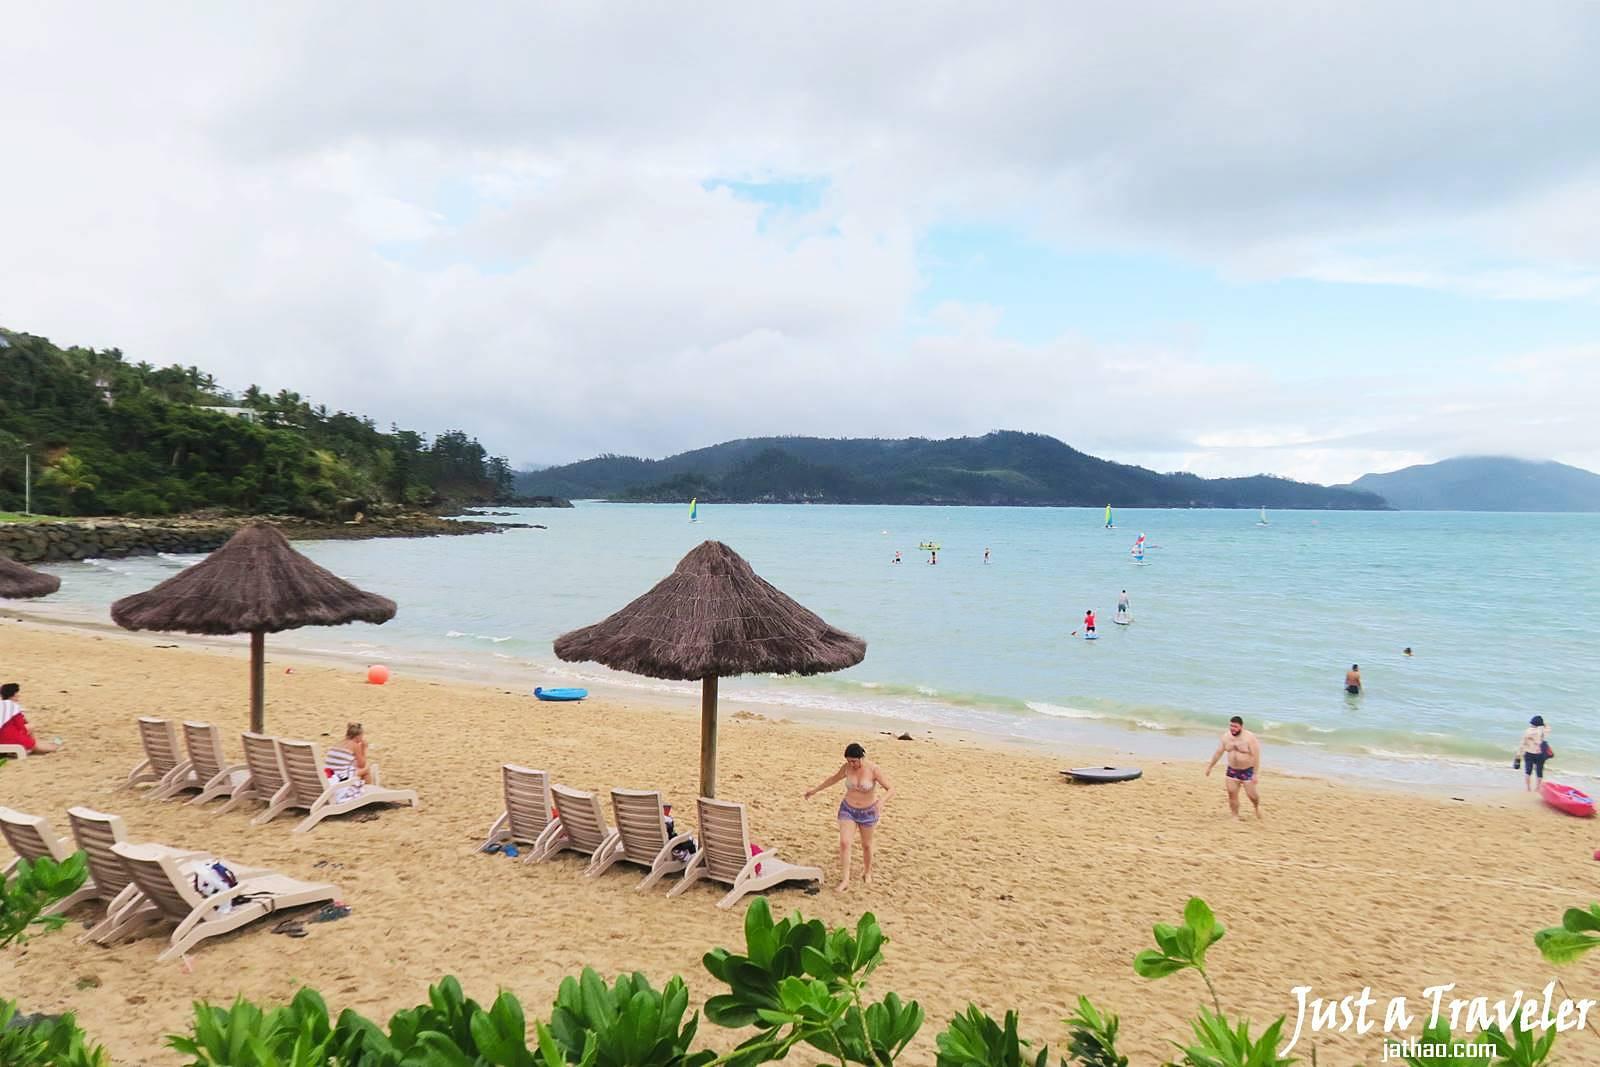 聖靈群島-漢密爾頓島-貓眼沙灘-Catseye Beach-景點-推薦-交通-遊記-自由行-行程-住宿-旅遊-度假-一日遊-澳洲-Hamilton-Island-Whitsundays